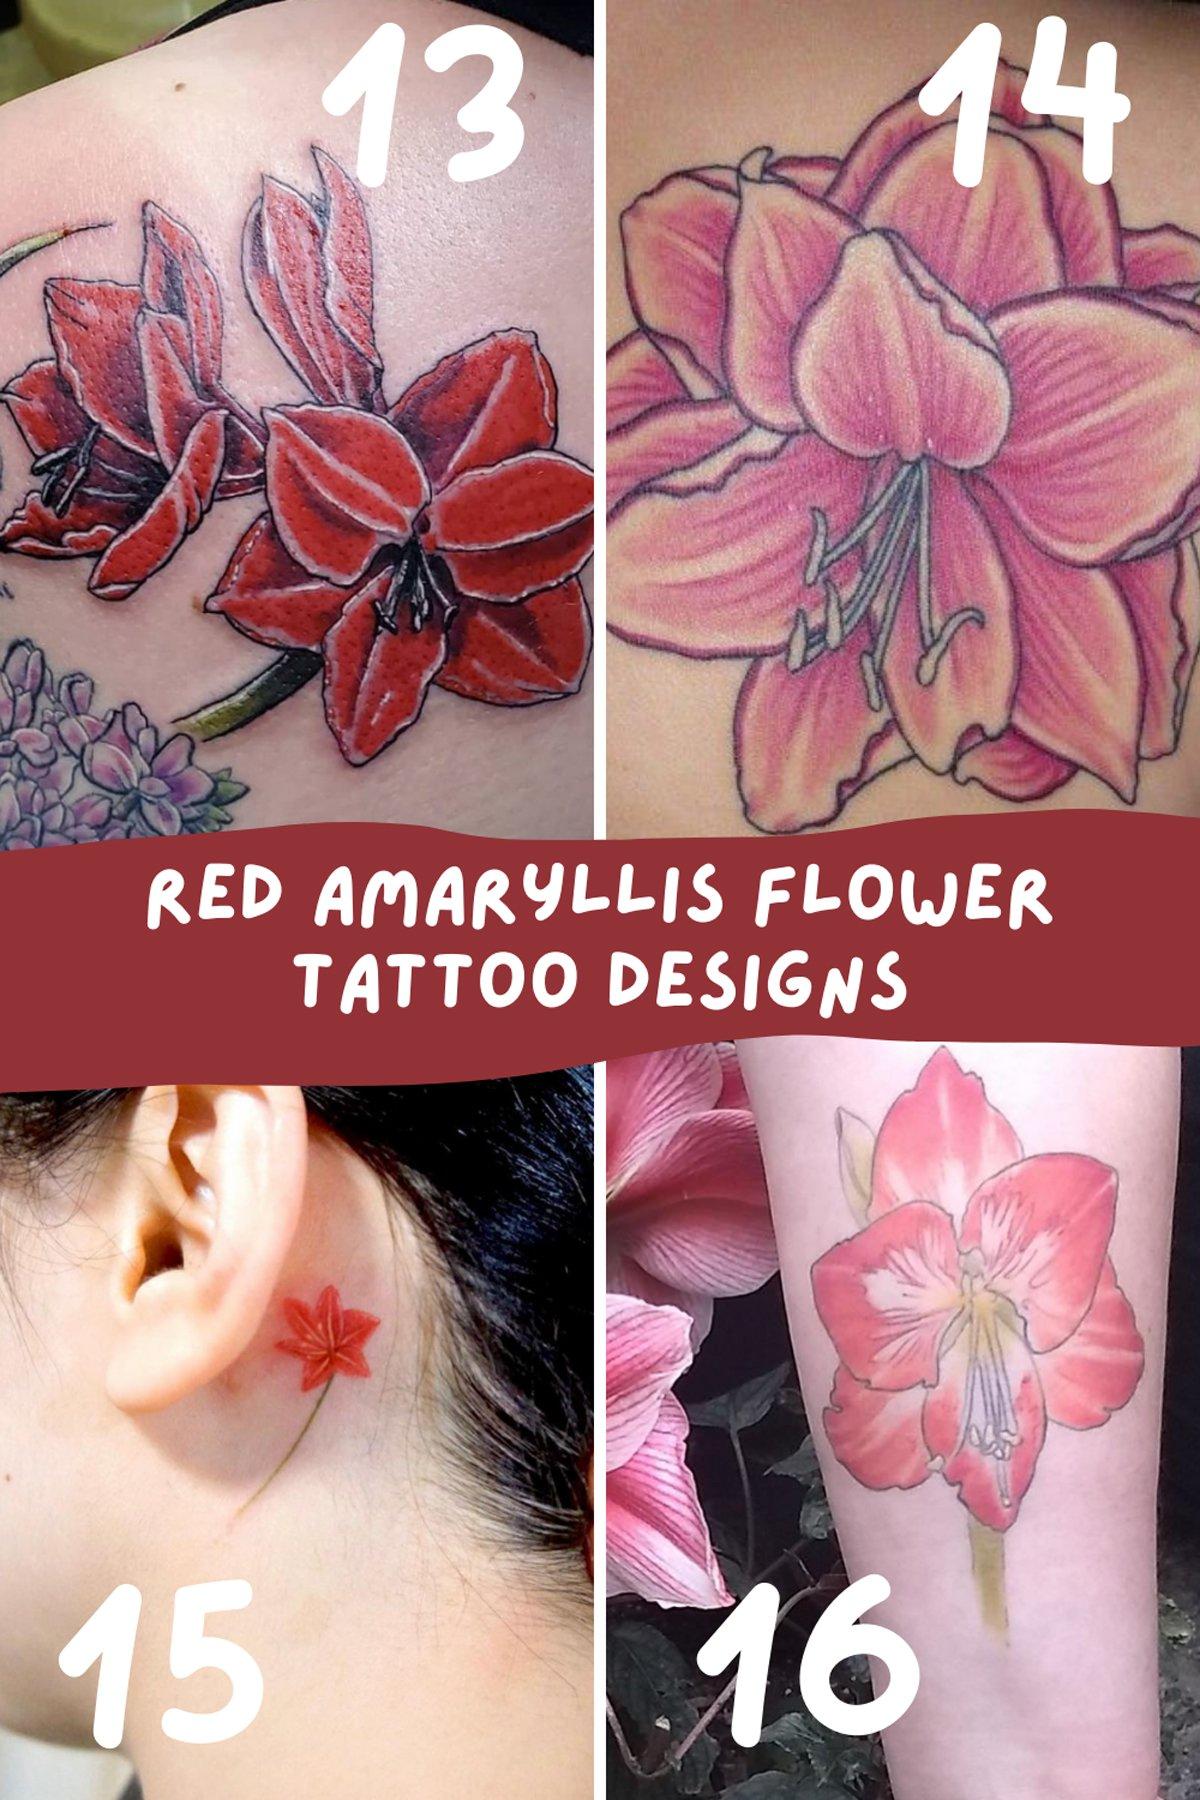 Amaryllis bouquet Flower Tattoos